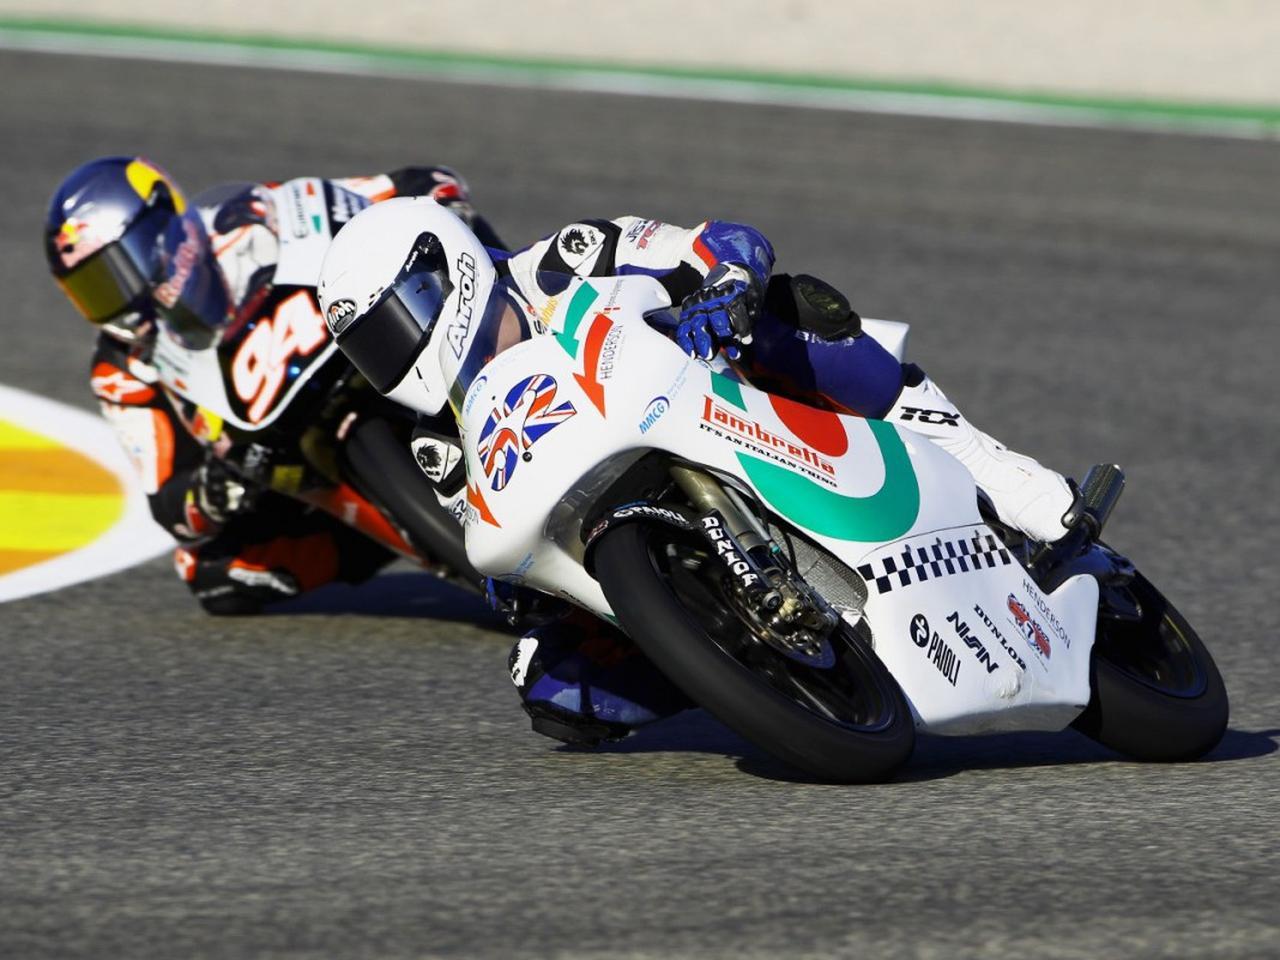 画像: 2010年のバレンシアGP125ccクラスで、ランブレッタに乗るD.ケント。 www.motogp.com